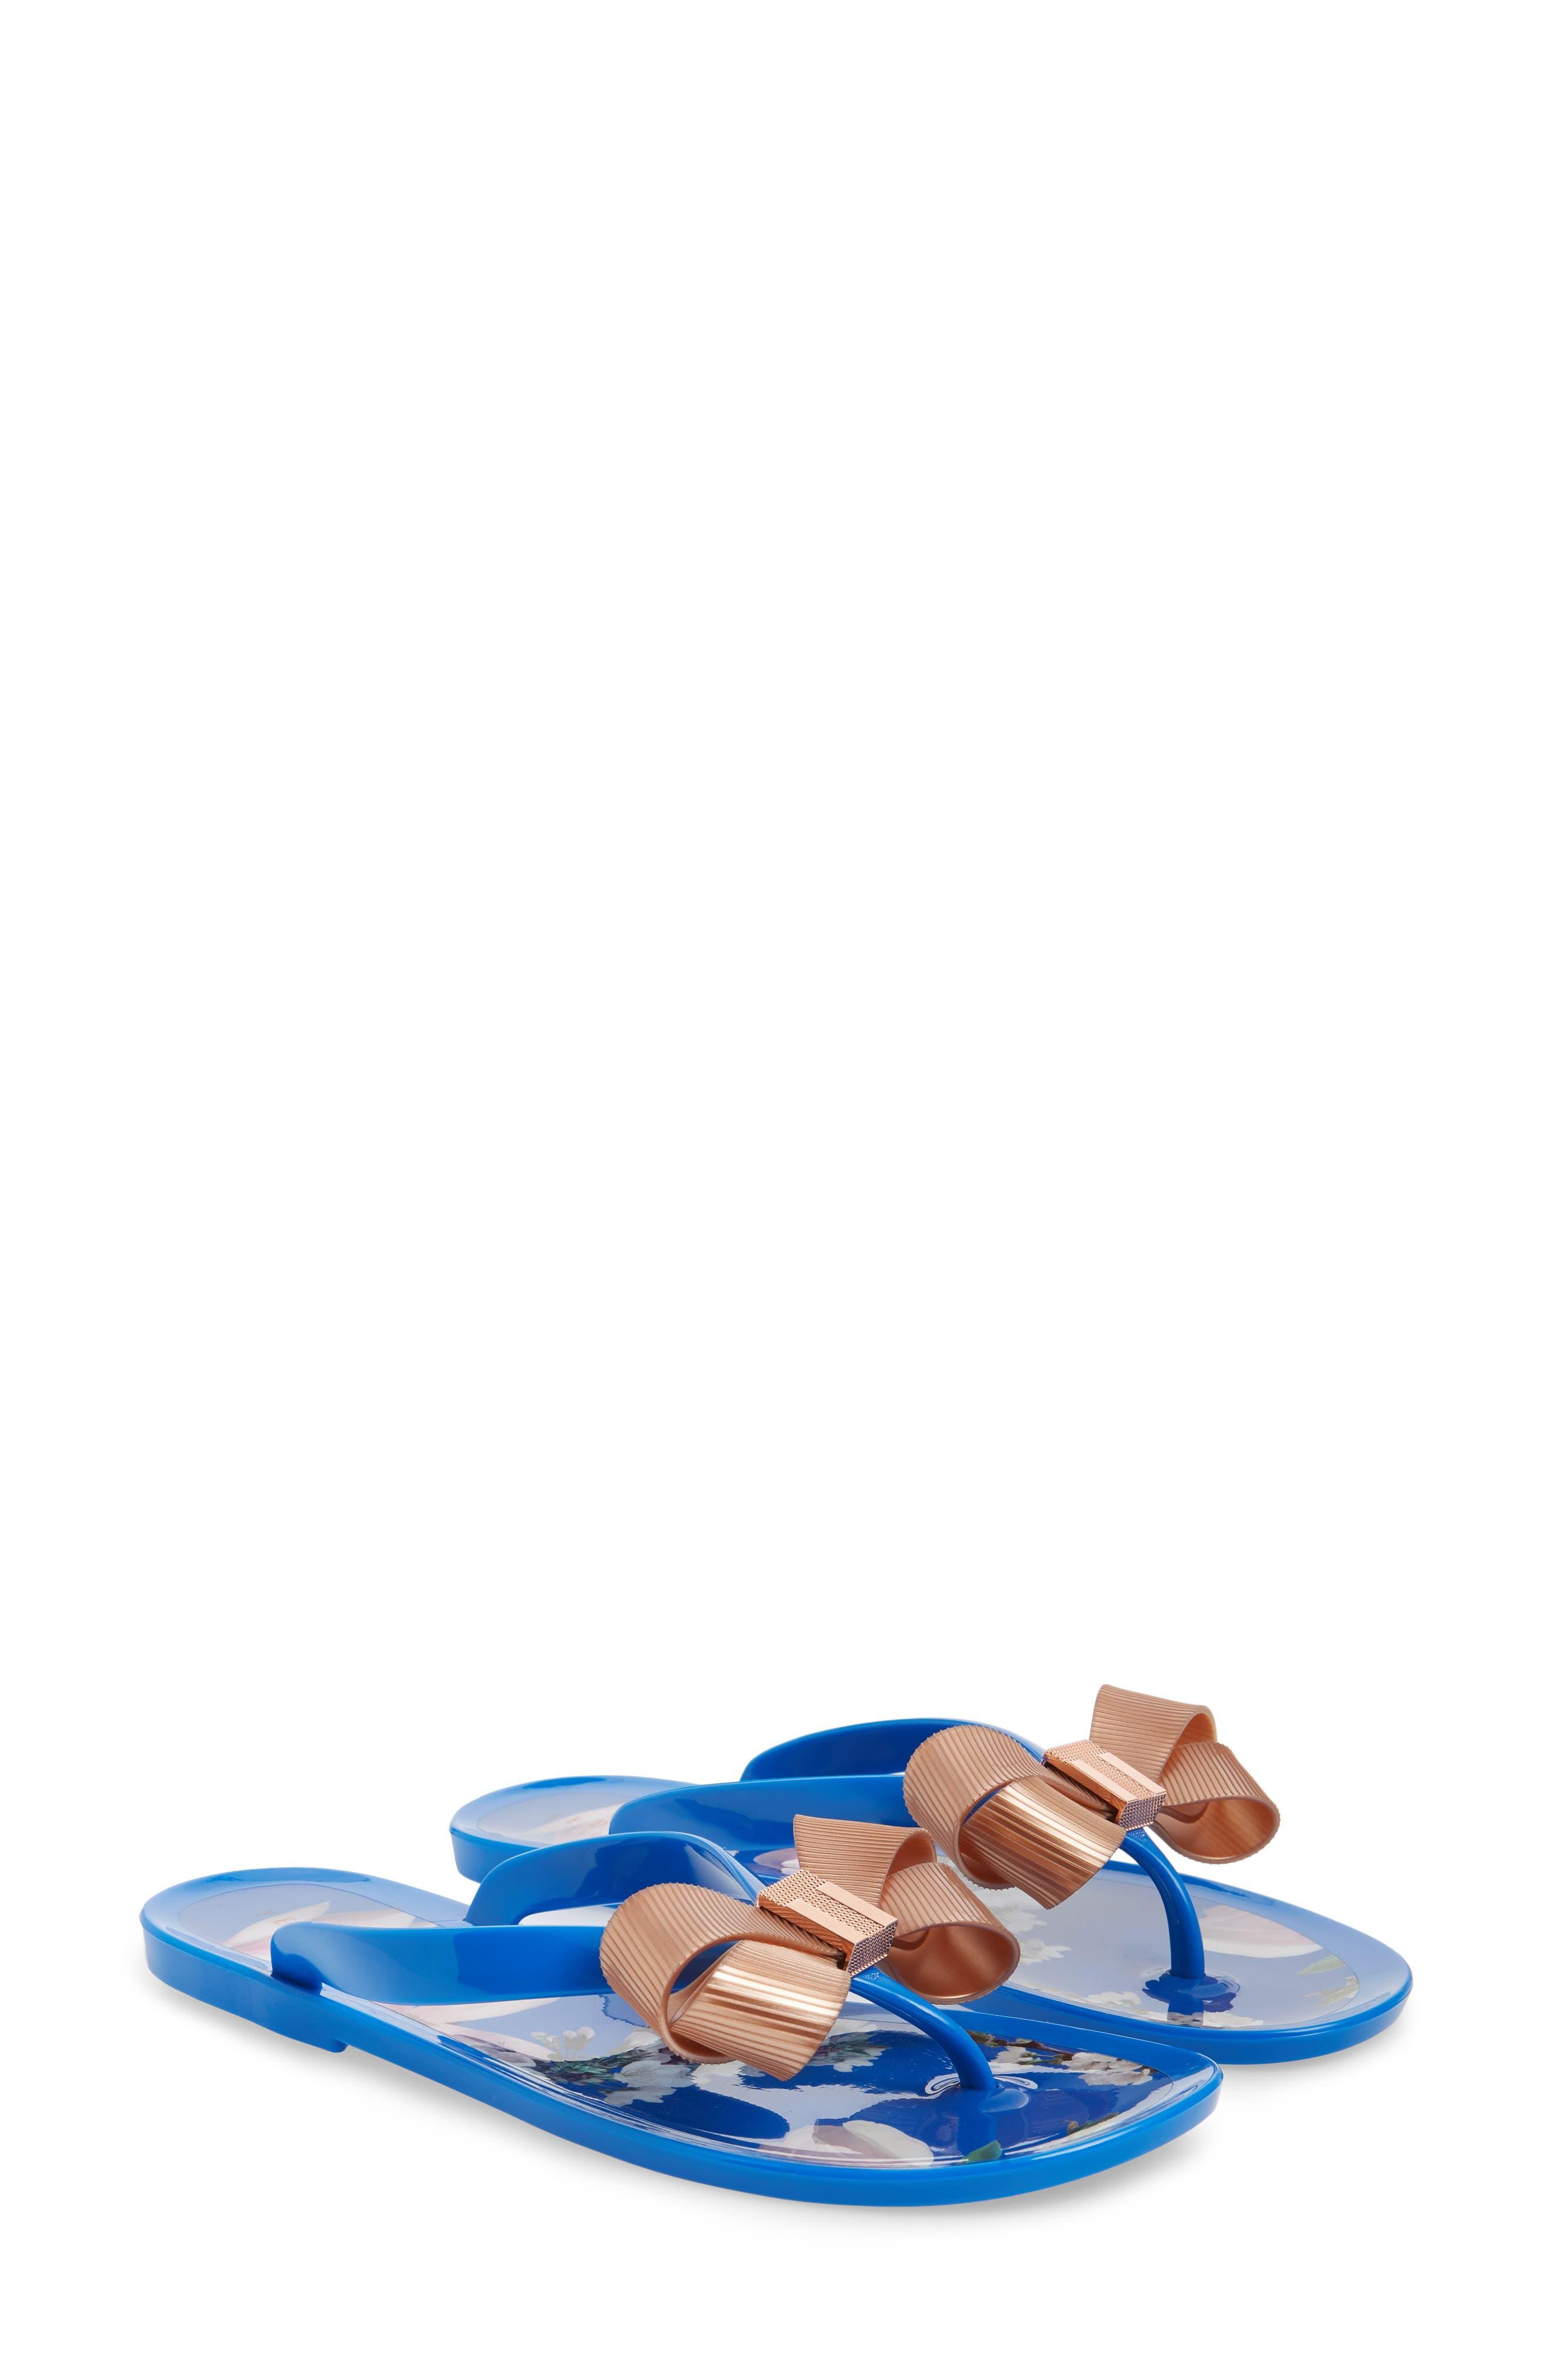 Suziep Flip Flop,                             Main thumbnail 1, color,                             Blue